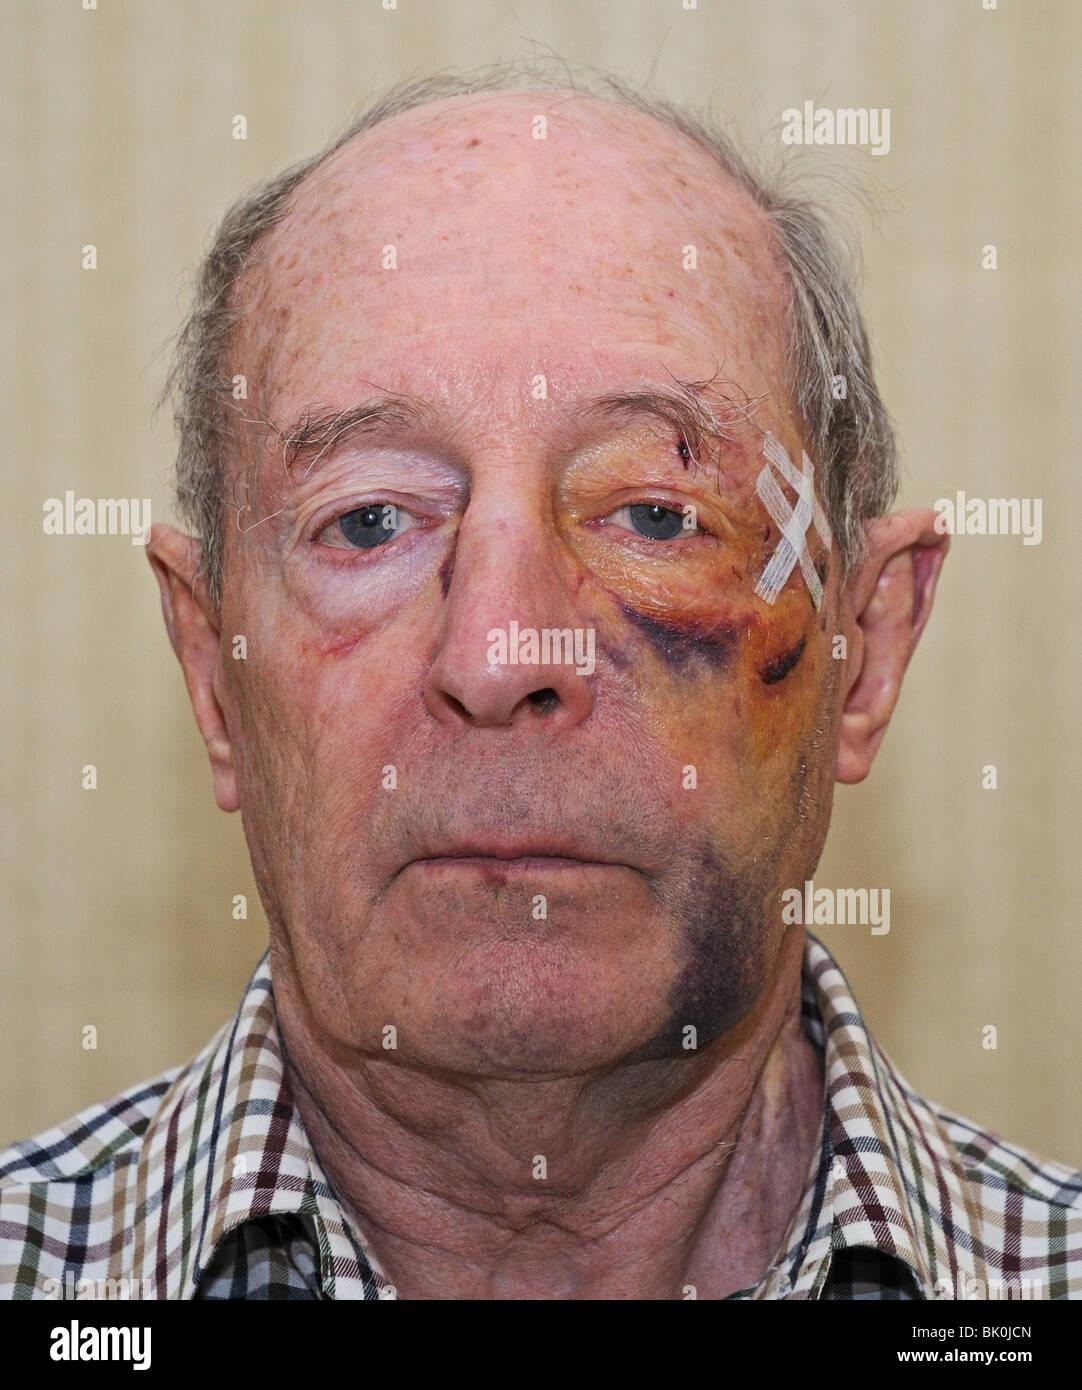 Facial Wounds 31